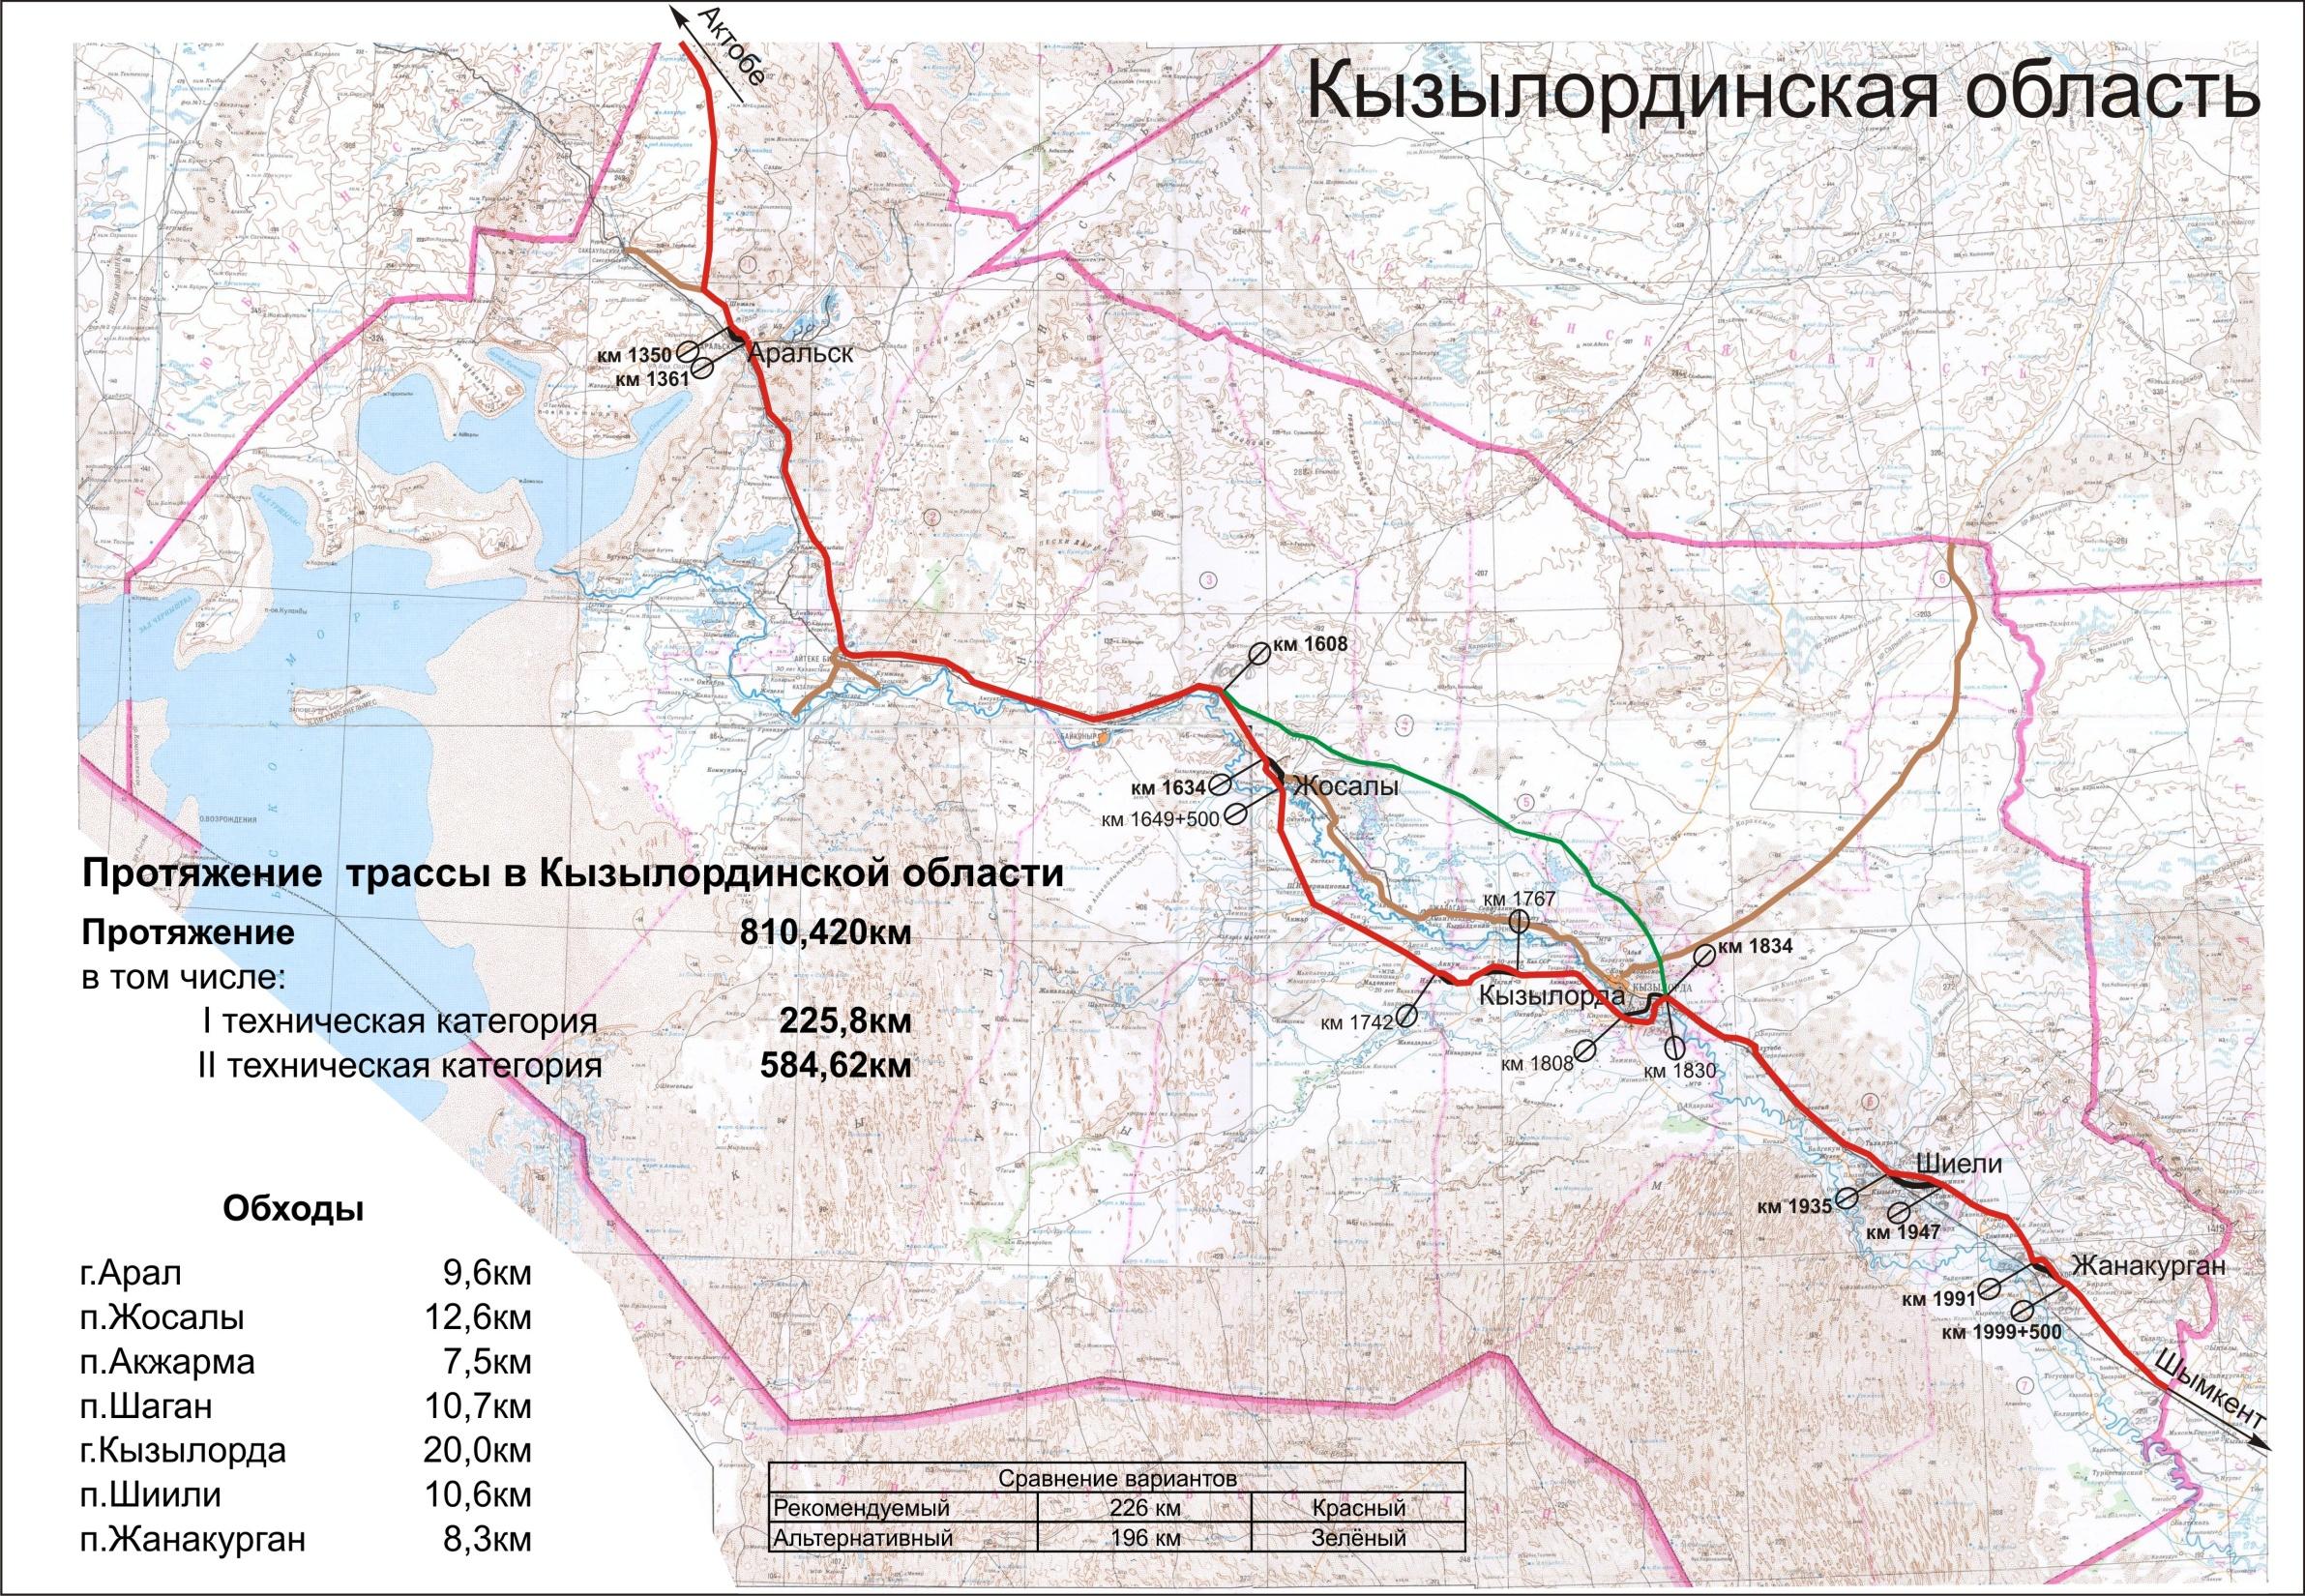 Kyzylorda region